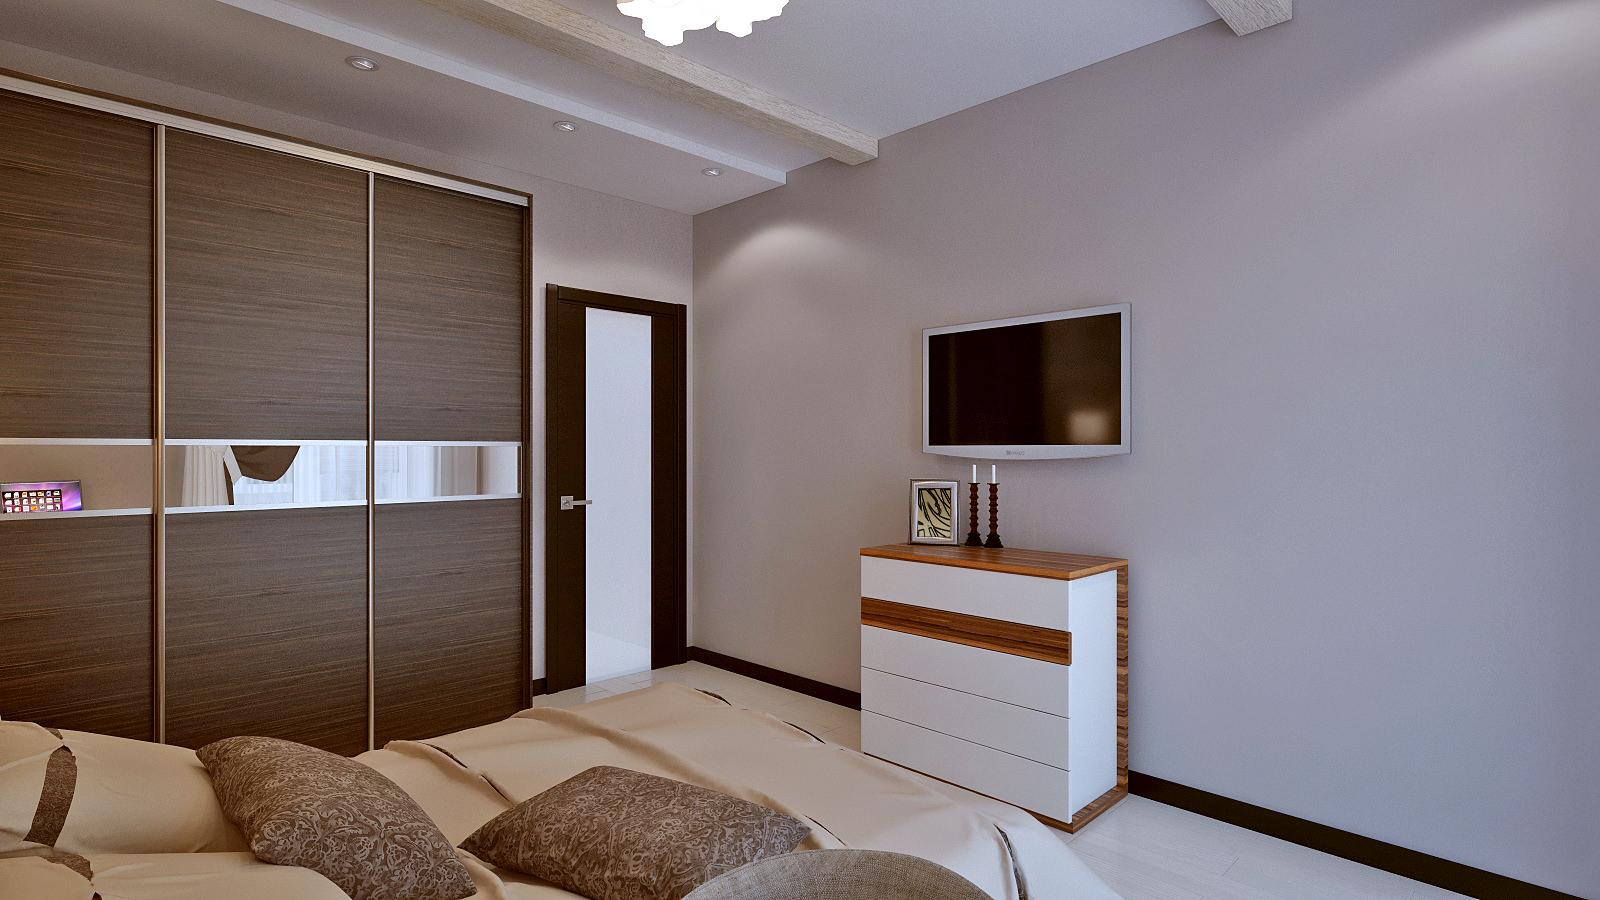 интерьер маленькой спальни в панельном доме картинки и фотографии